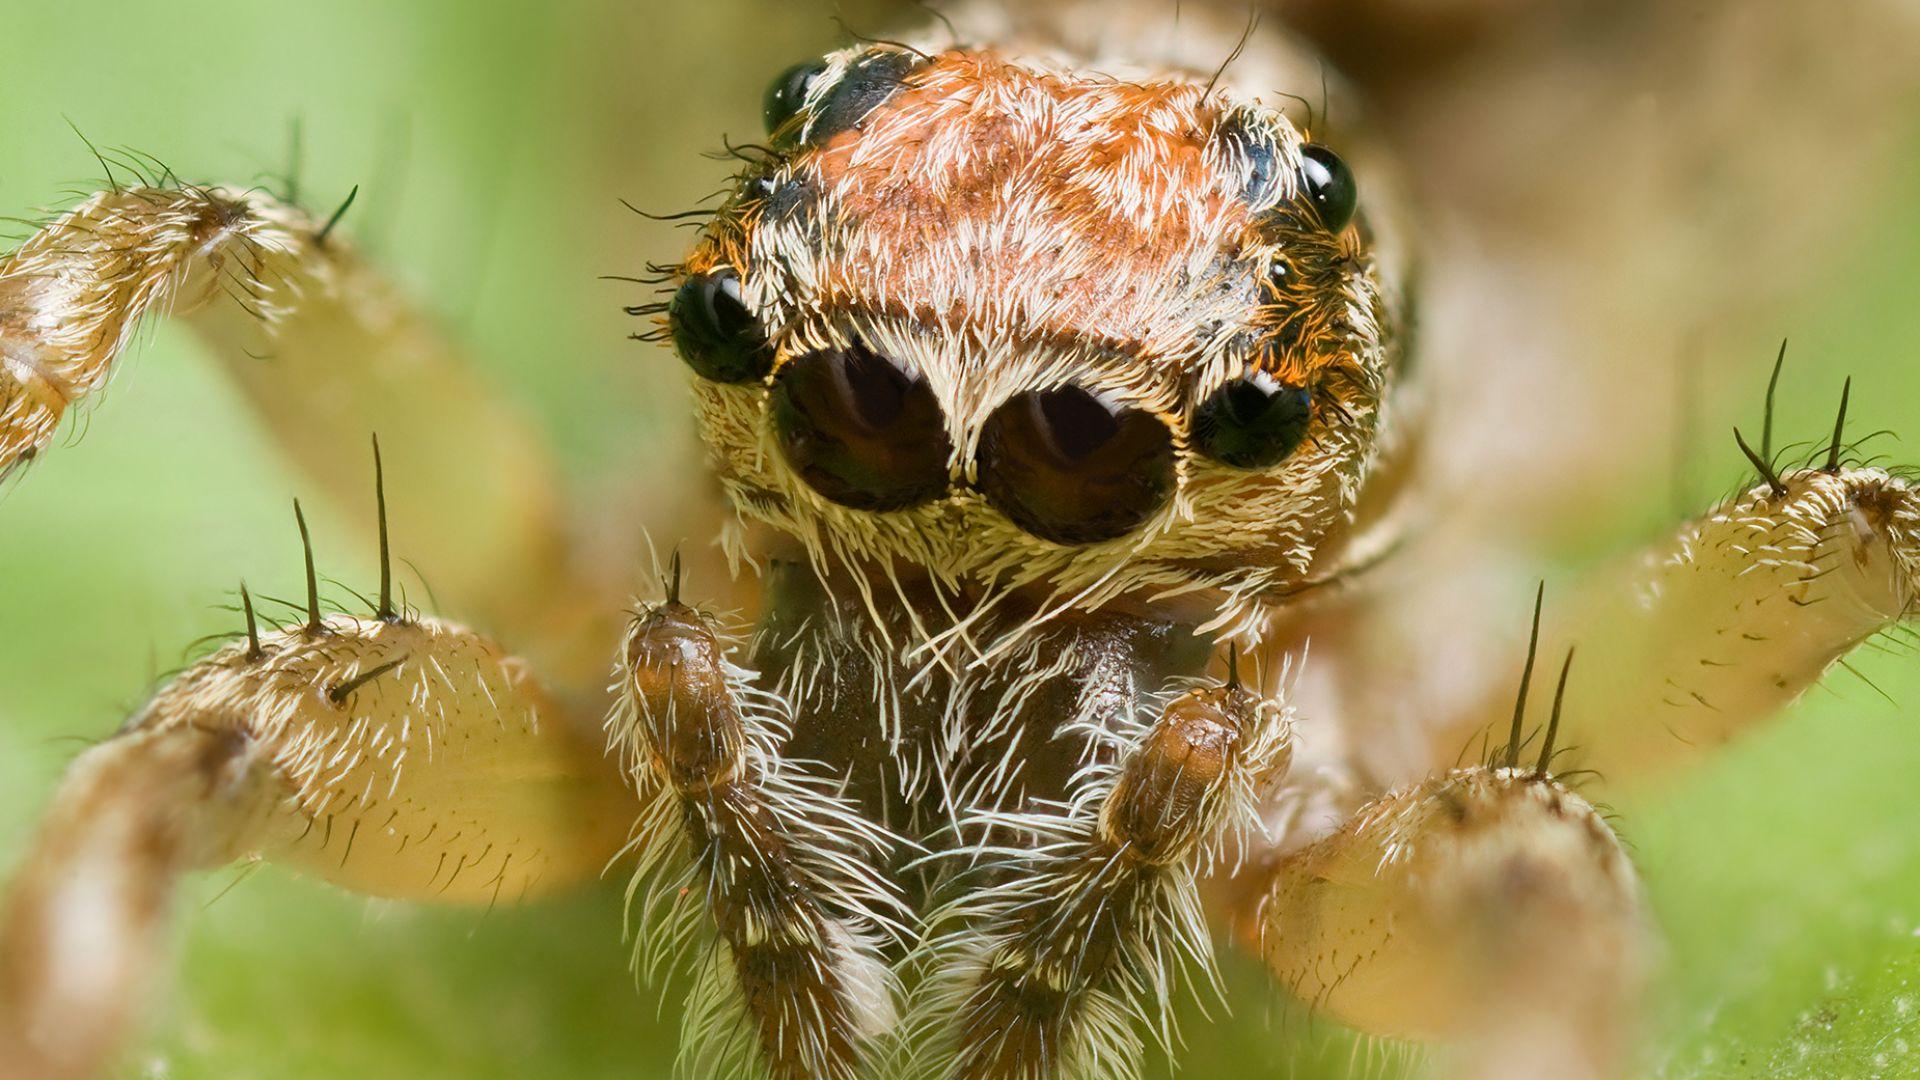 Ако паяците се обединят, ще унищожат човечеството за година